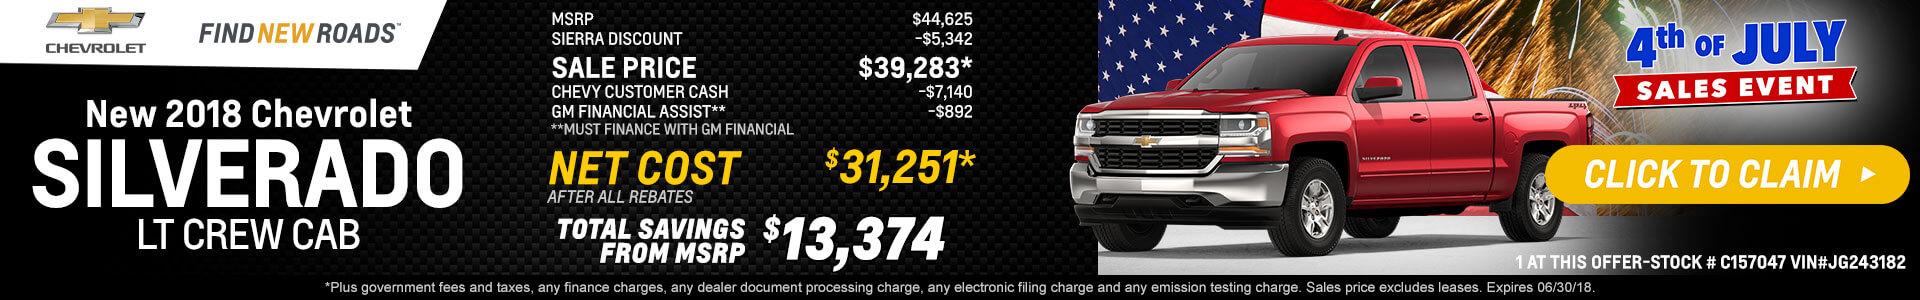 Silverado LTZ Crew Cab $31,251